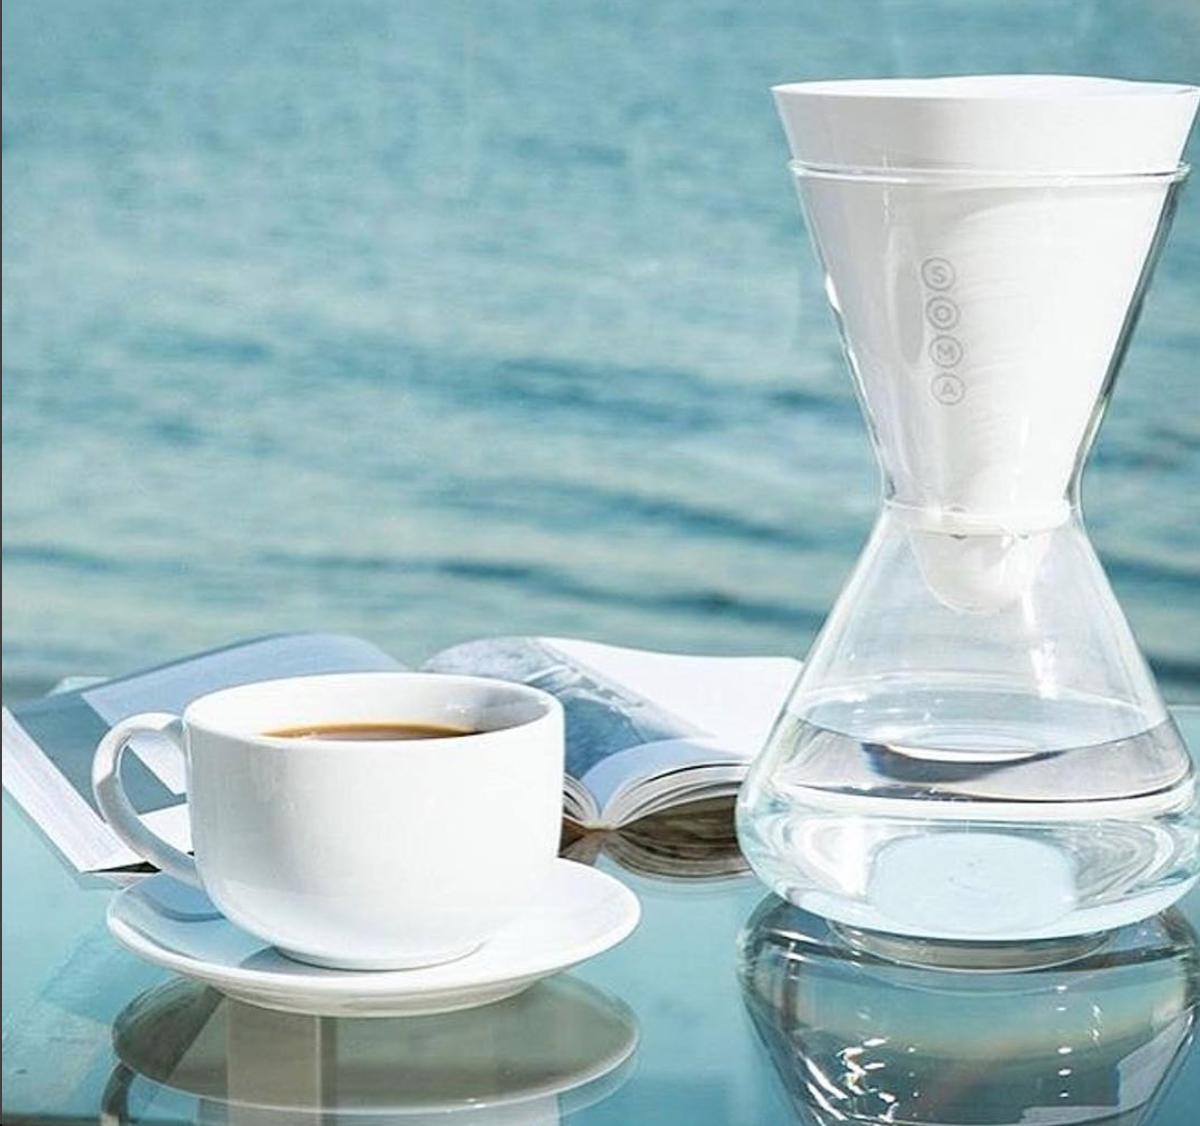 Soma: hidratación sostenible y elegante - The Pai Life